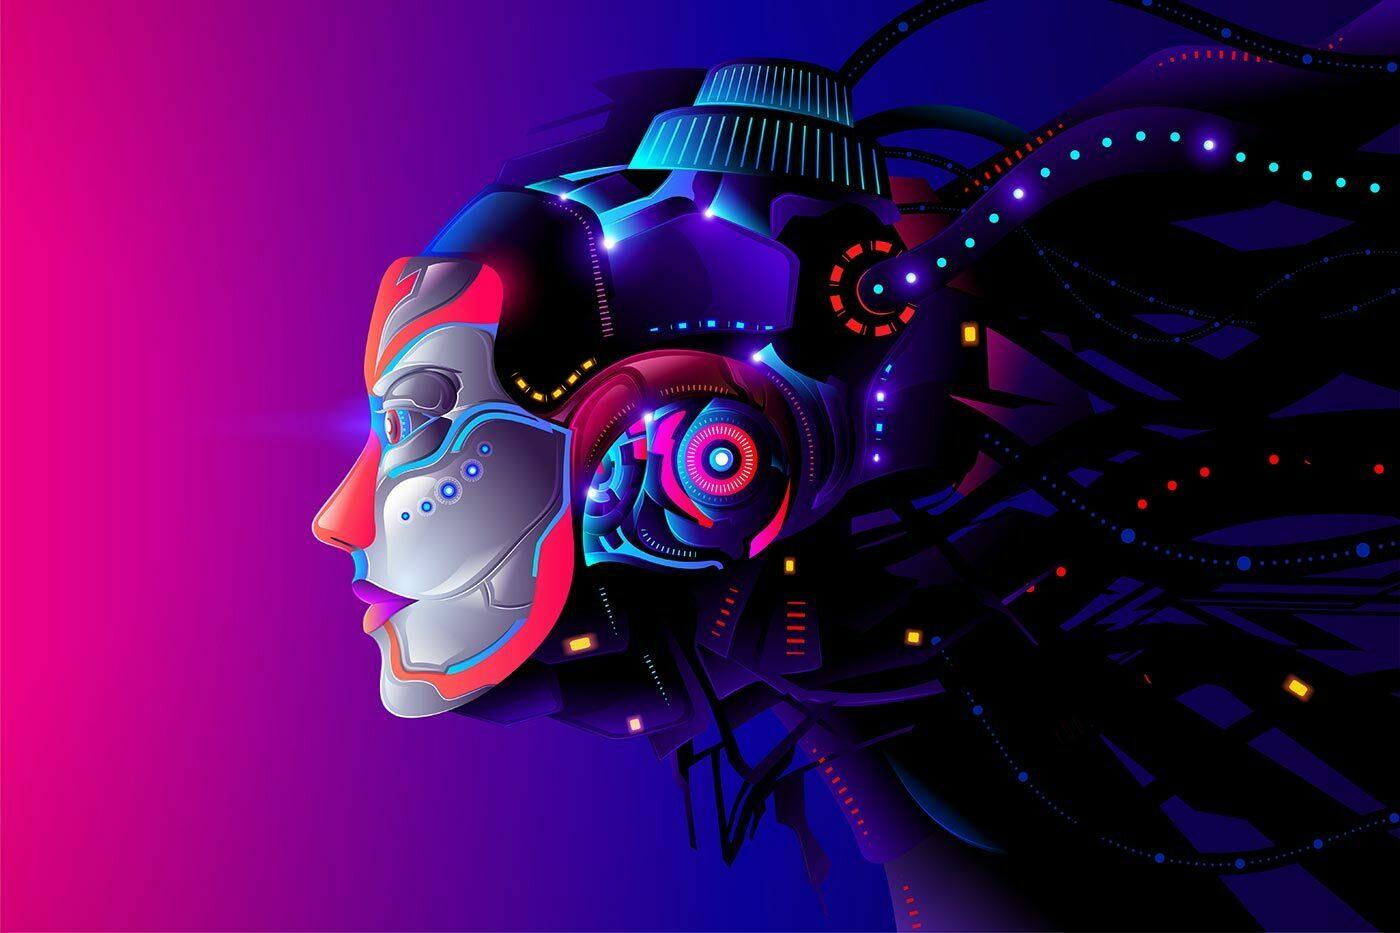 Γινόμαστε άνθρωποι-ρομπότ. Η Ανθρωπότητα λειτουργεί όλο & πιο μηχανικά